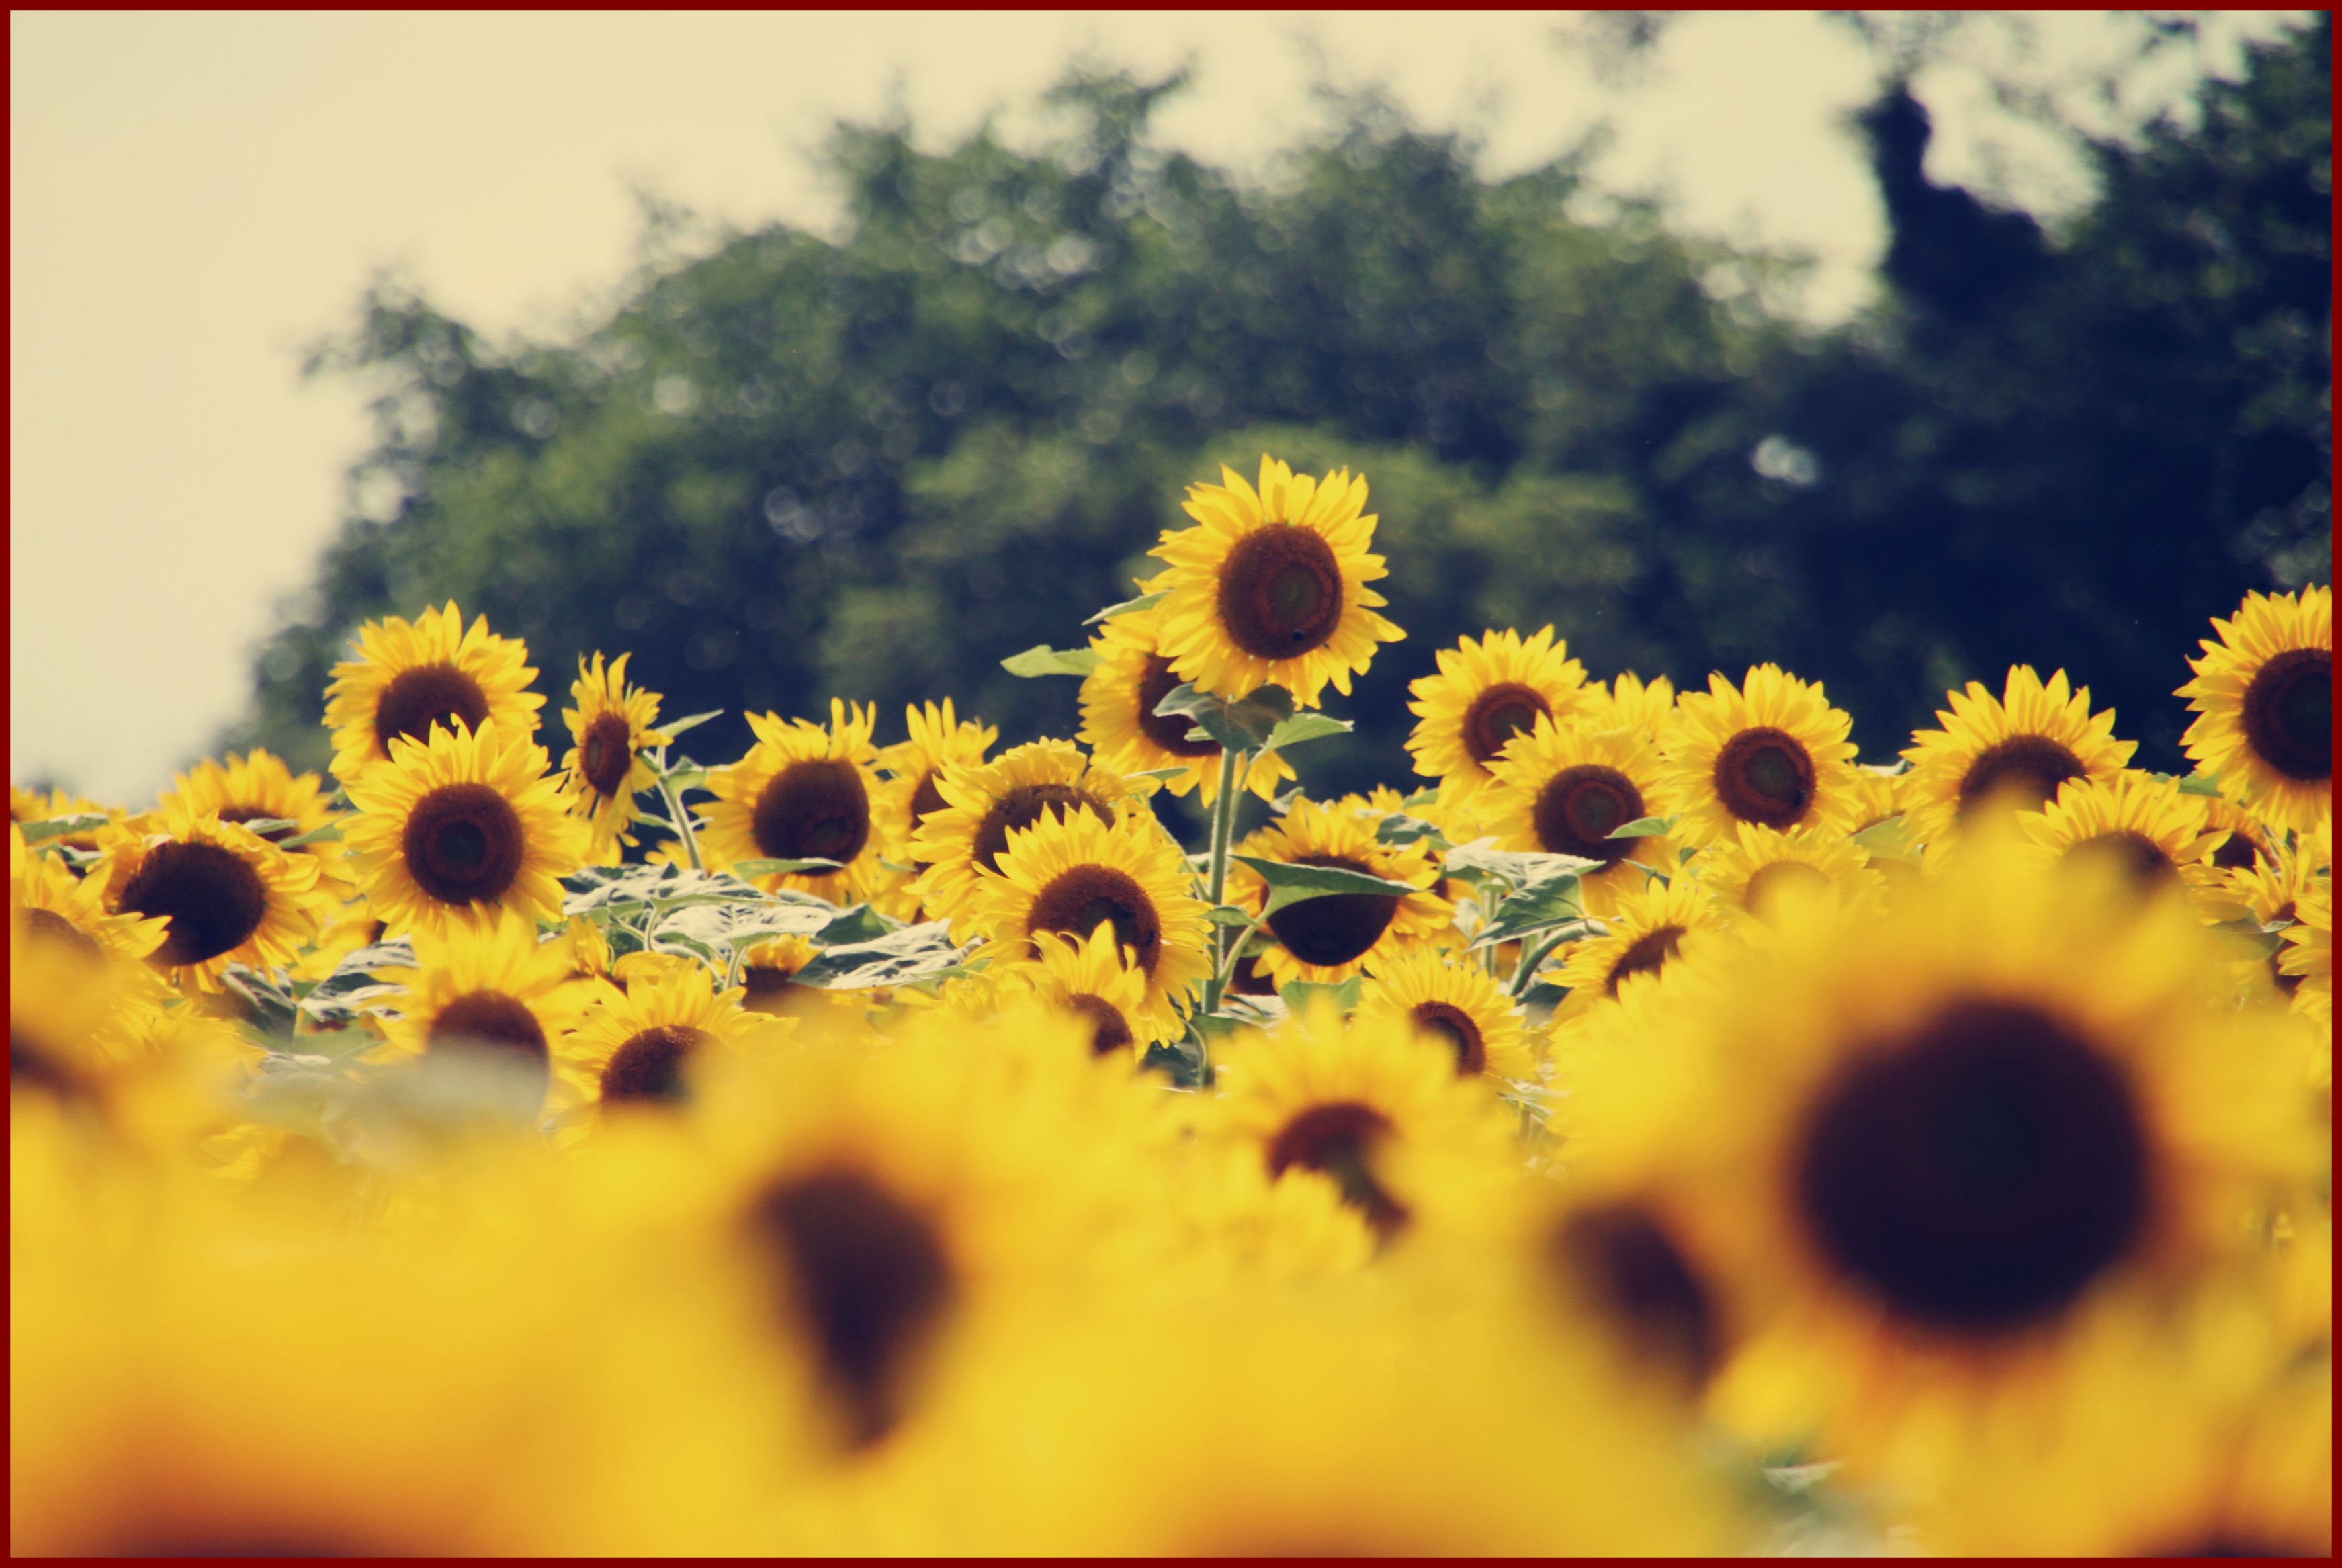 Sunflower Wallpaper Tumblr 475498 Iphone X Wallpaper Flower 1884951 Hd Wallpaper Backgrounds Download